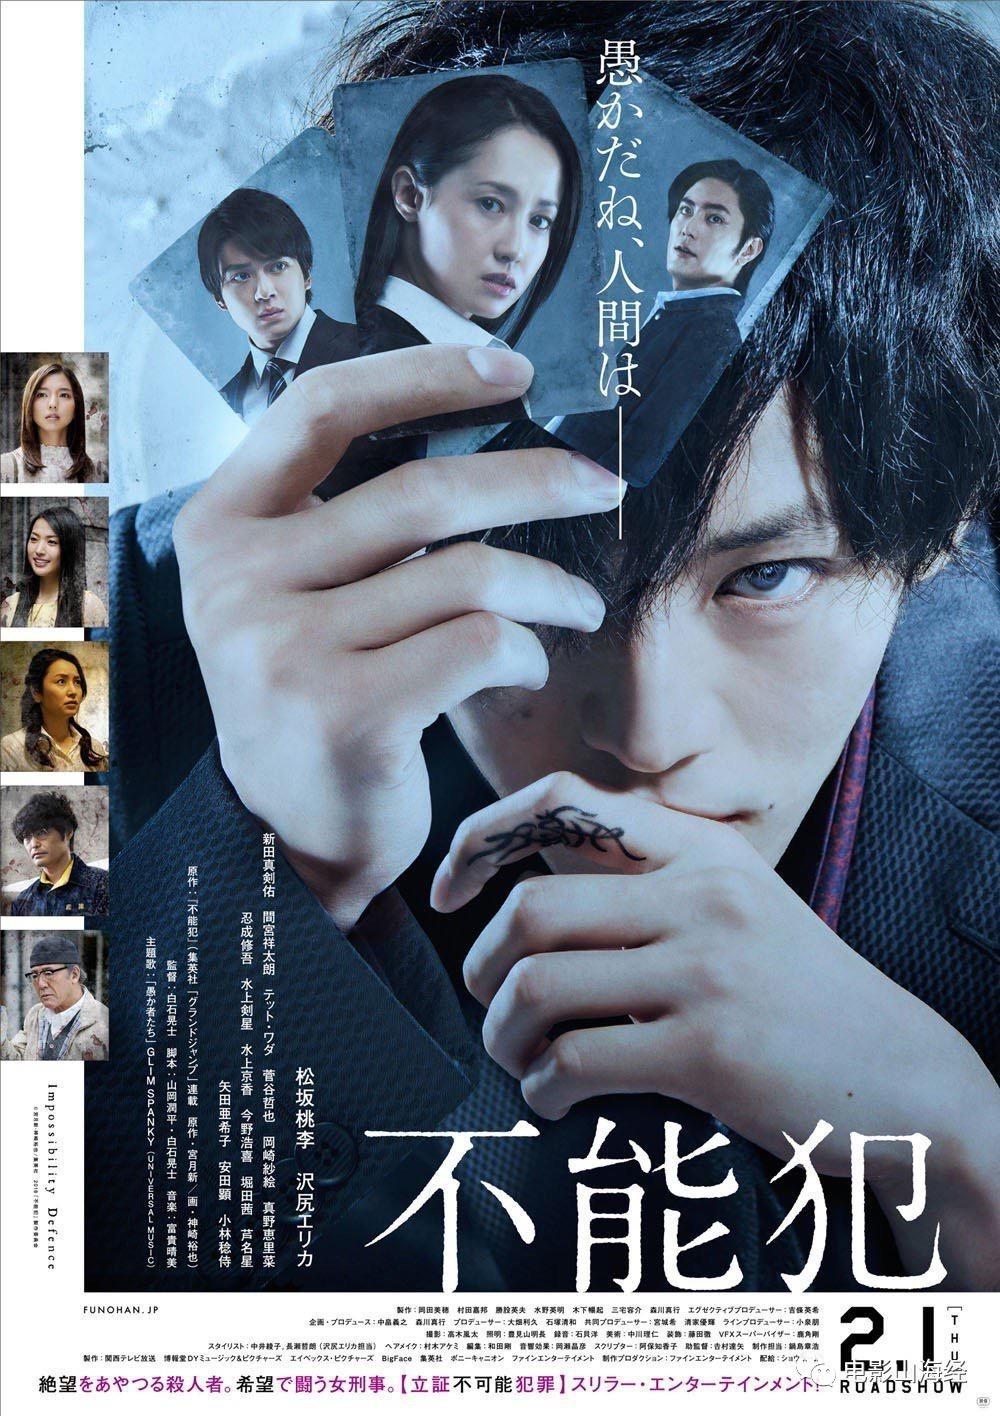 12月日本新片展完整详情及我们的推荐